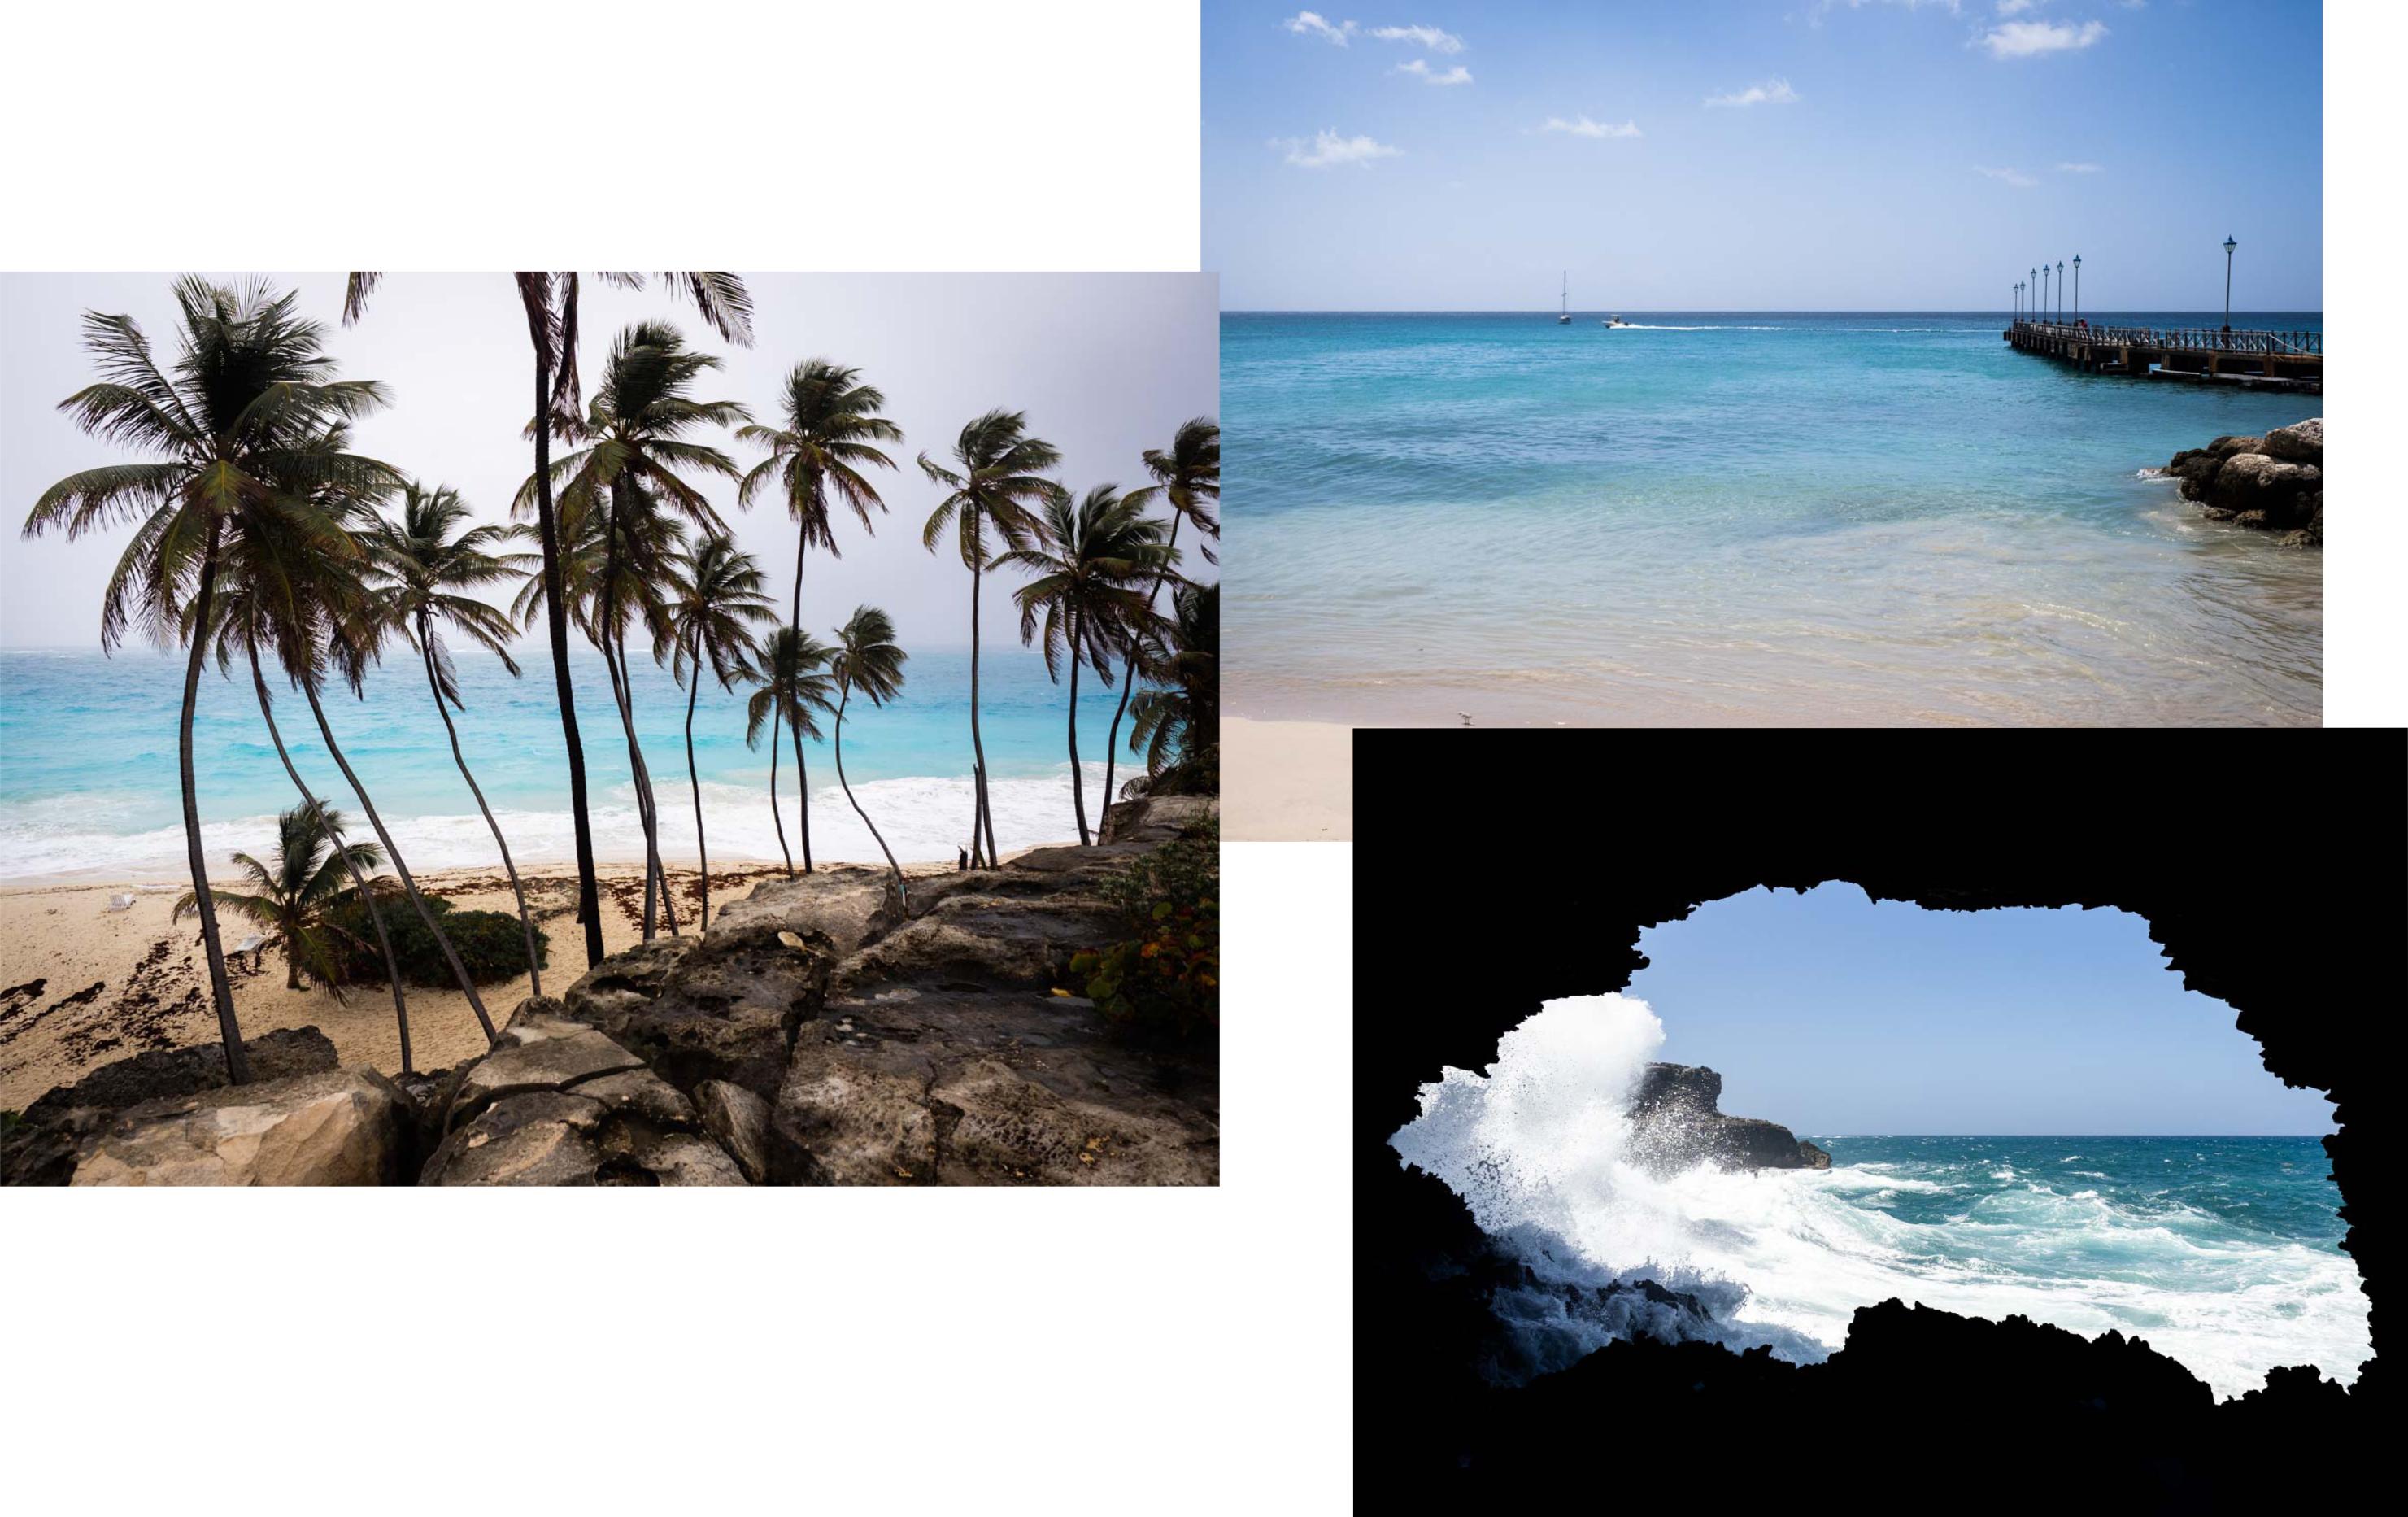 quoi faire à la Barbade - visiter la barbade